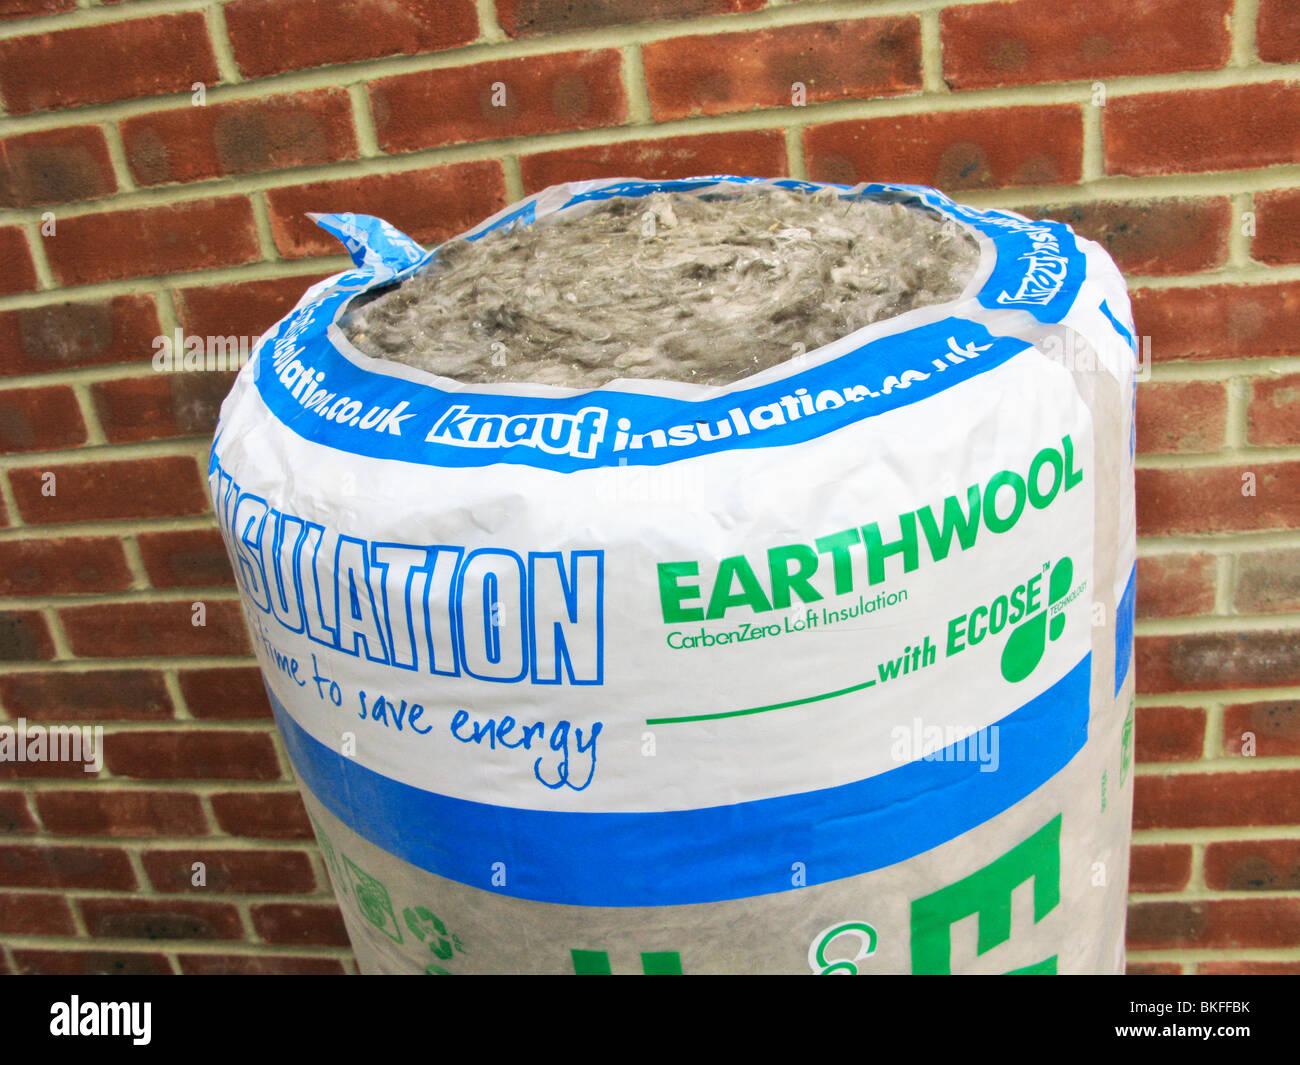 Earthwool Carbon Zero Loft U0026 Hohlraum Isolierung Verwendet, Um Energie  Sparen U0026 Helfen Sie Der